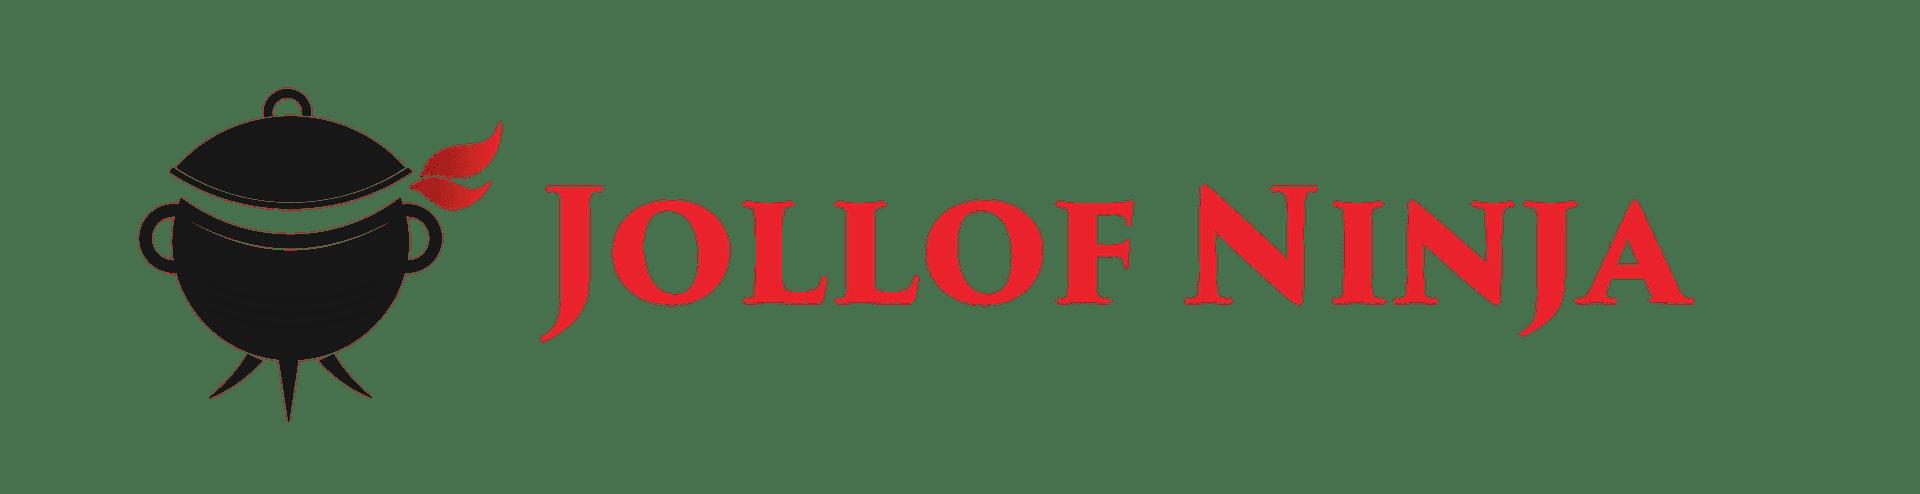 Jollof Ninja - Order West African food online logo